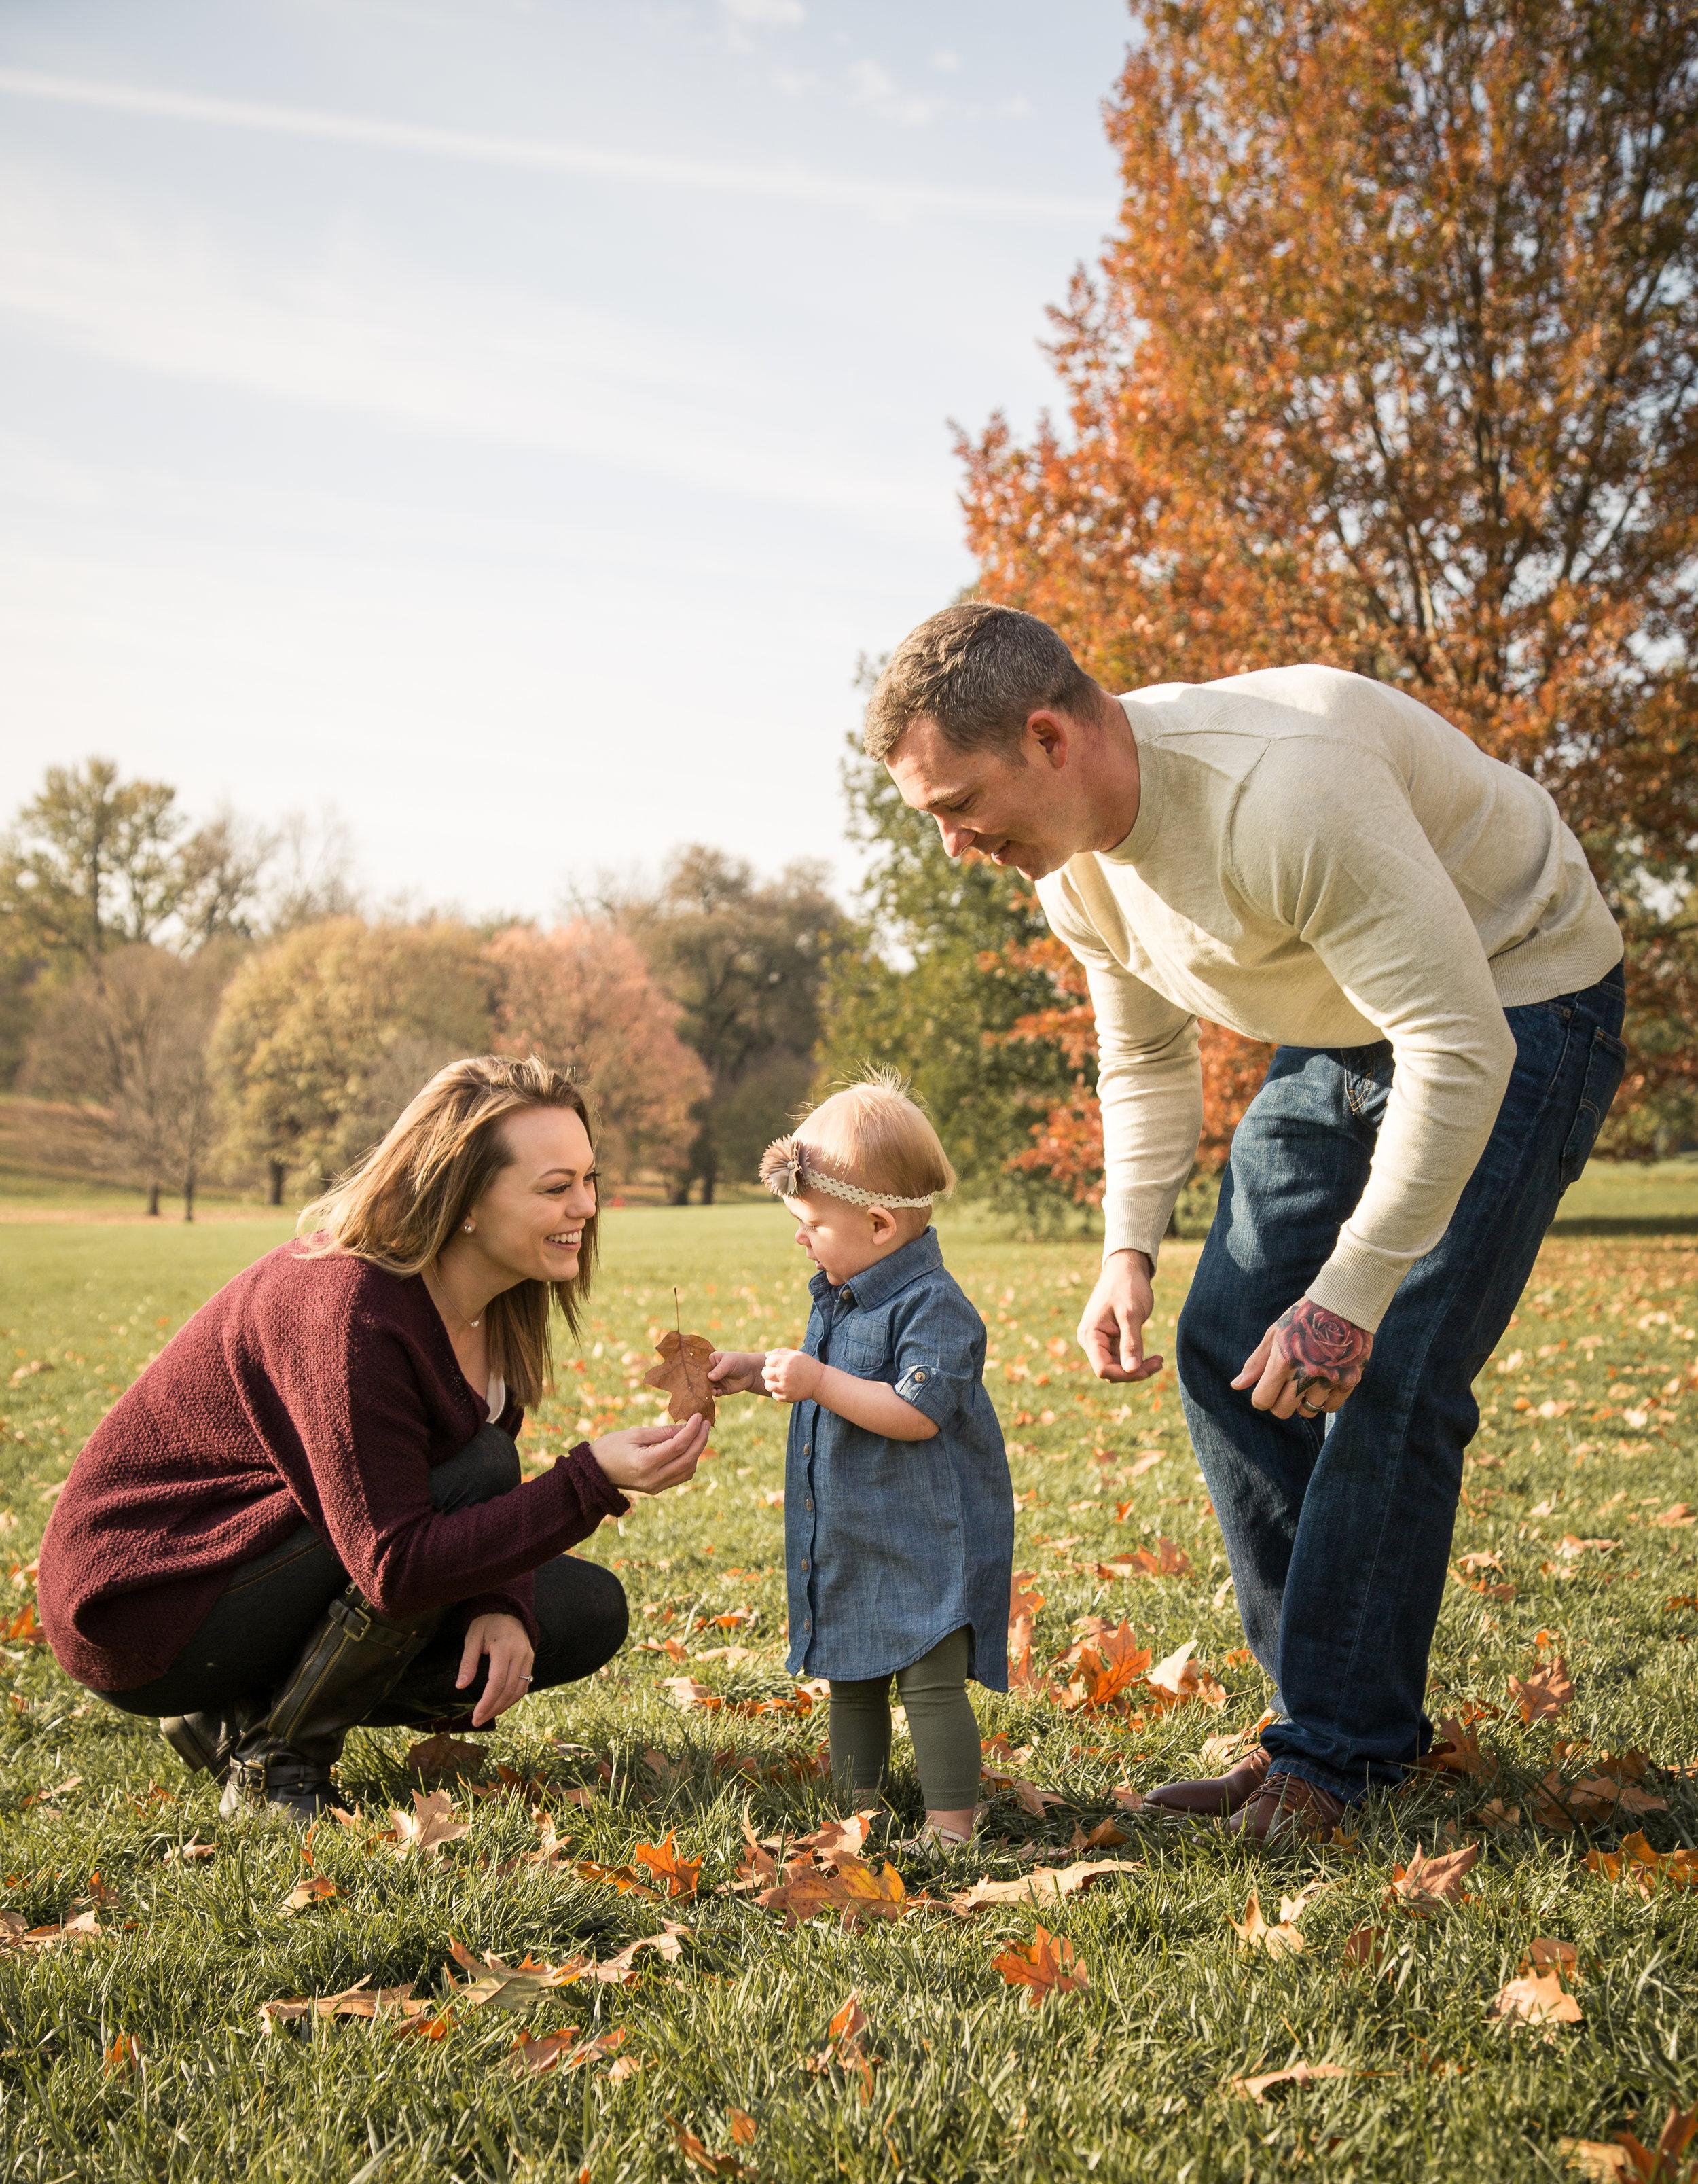 Bennett-Burrell Family Photos 2018 (20 of 39).jpg